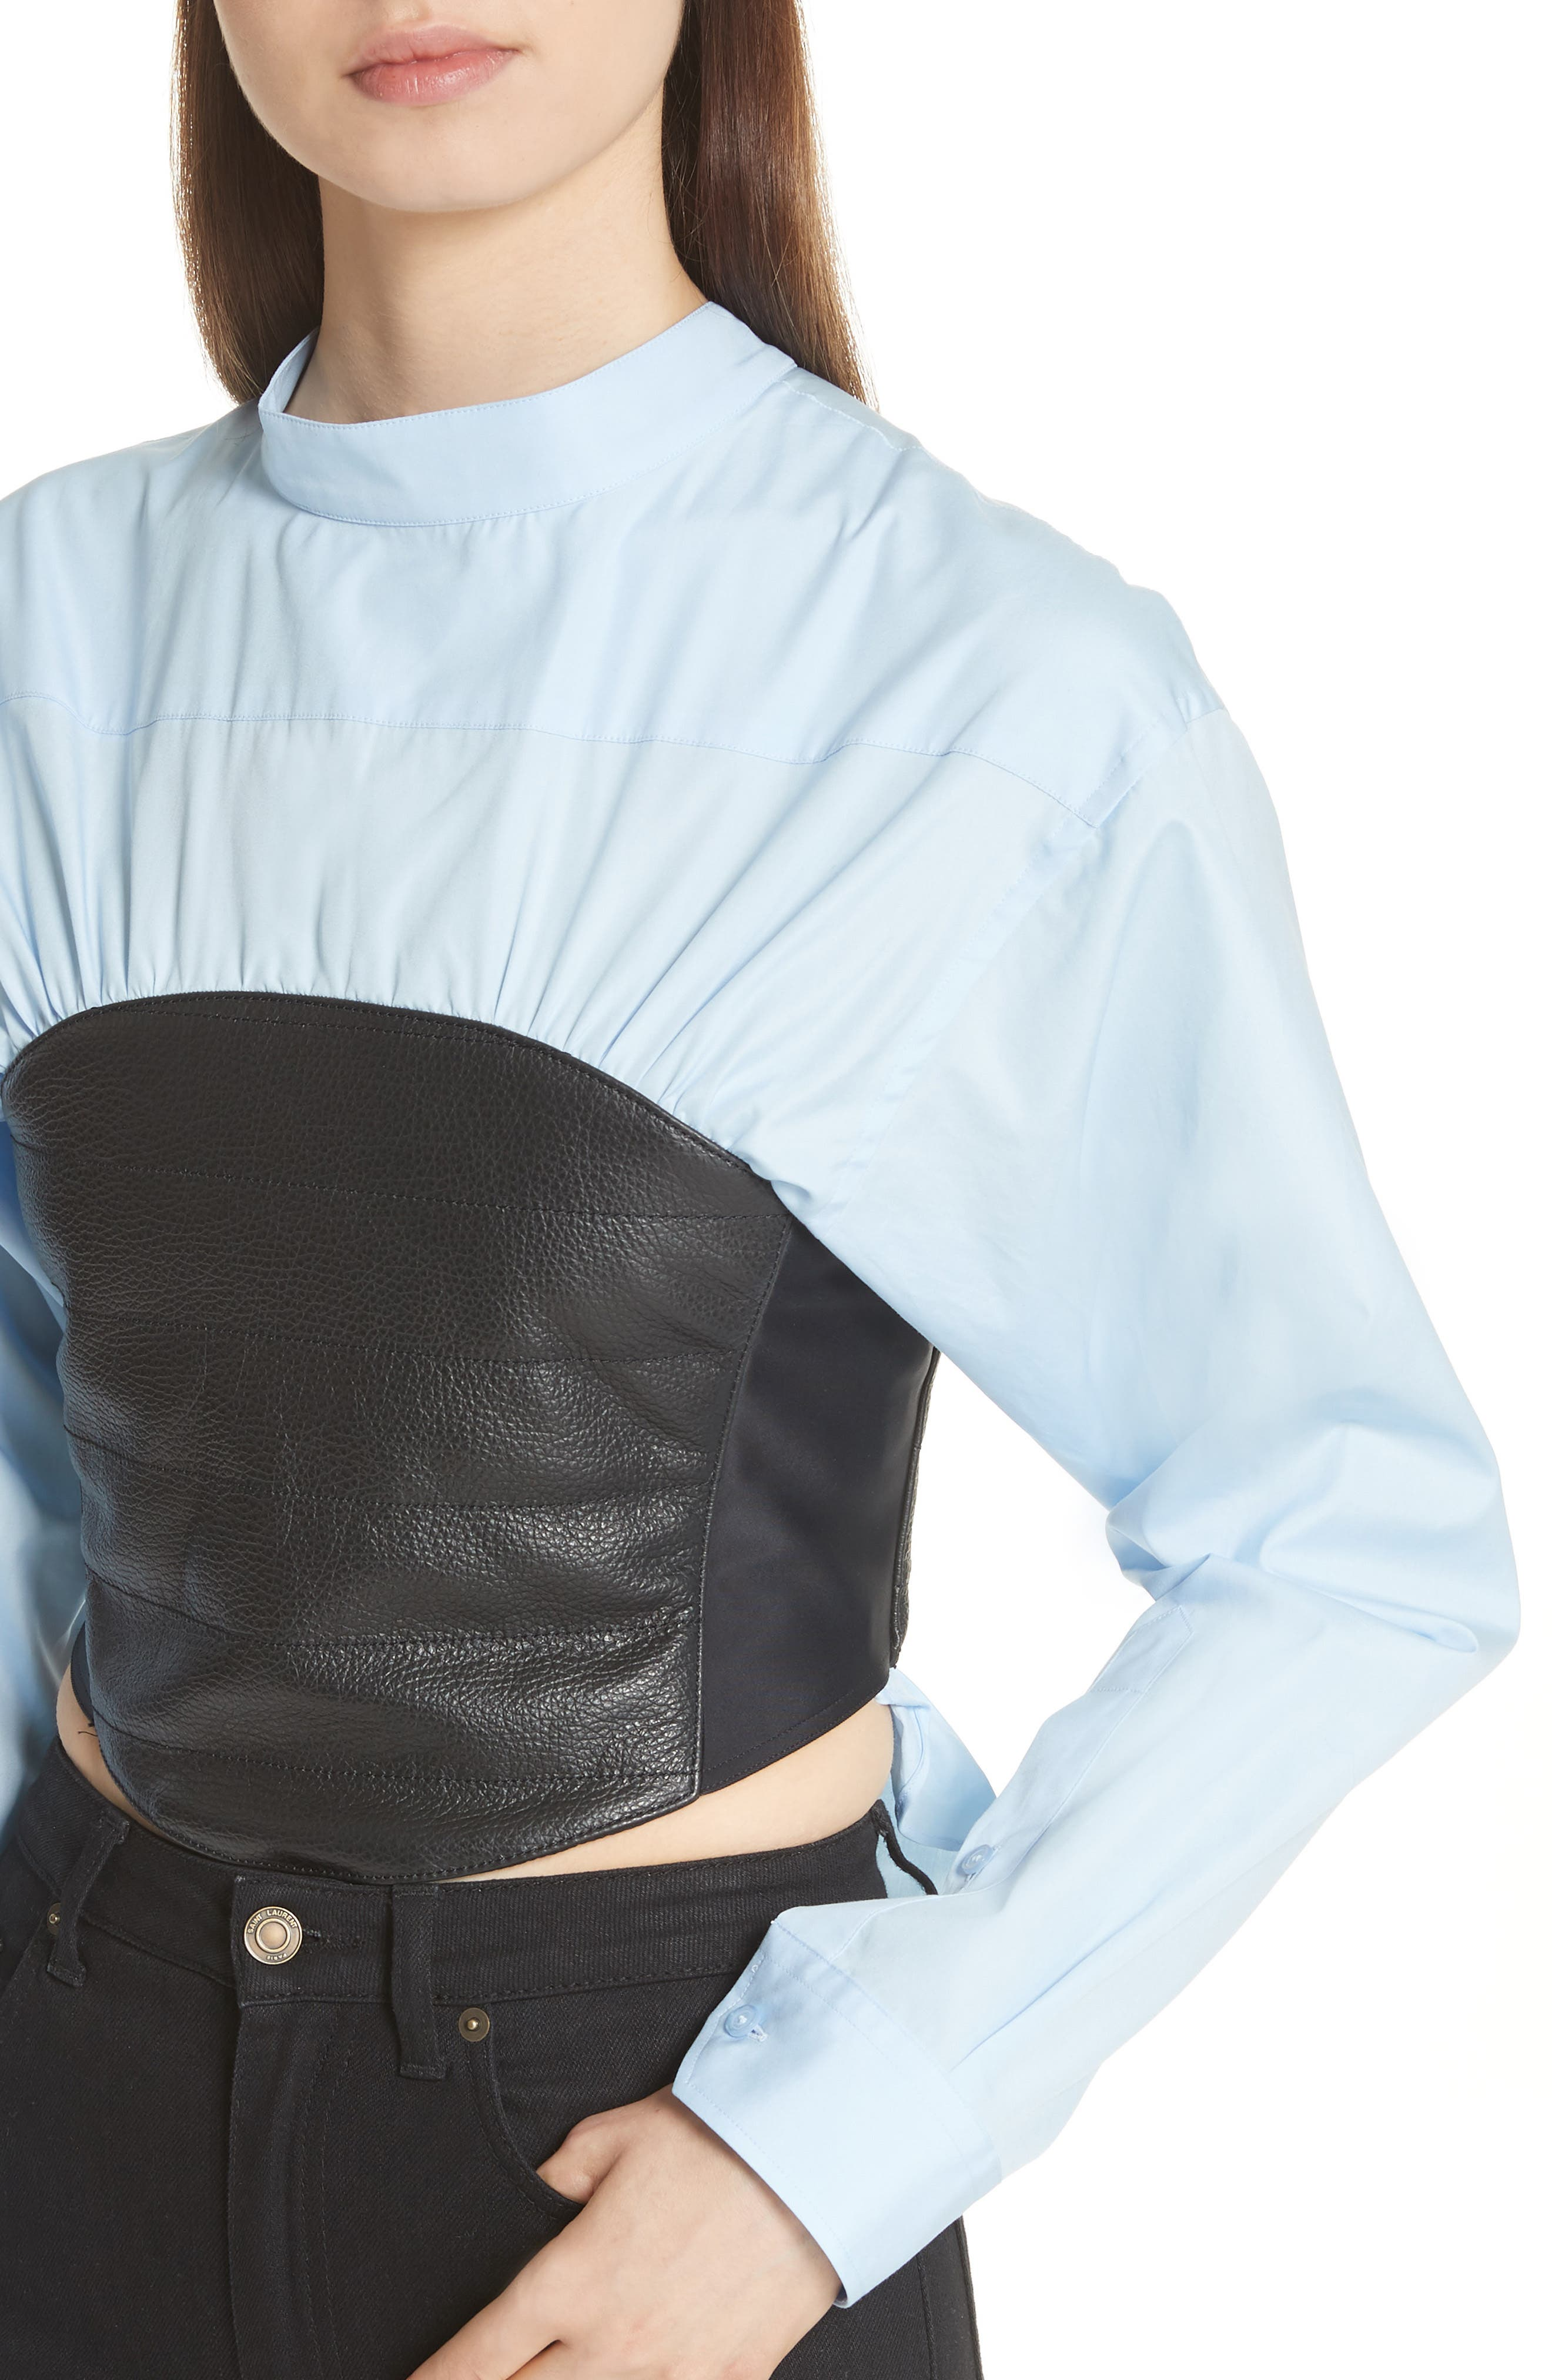 Bustier Shirt,                             Alternate thumbnail 4, color,                             Blue/ Black Bustier